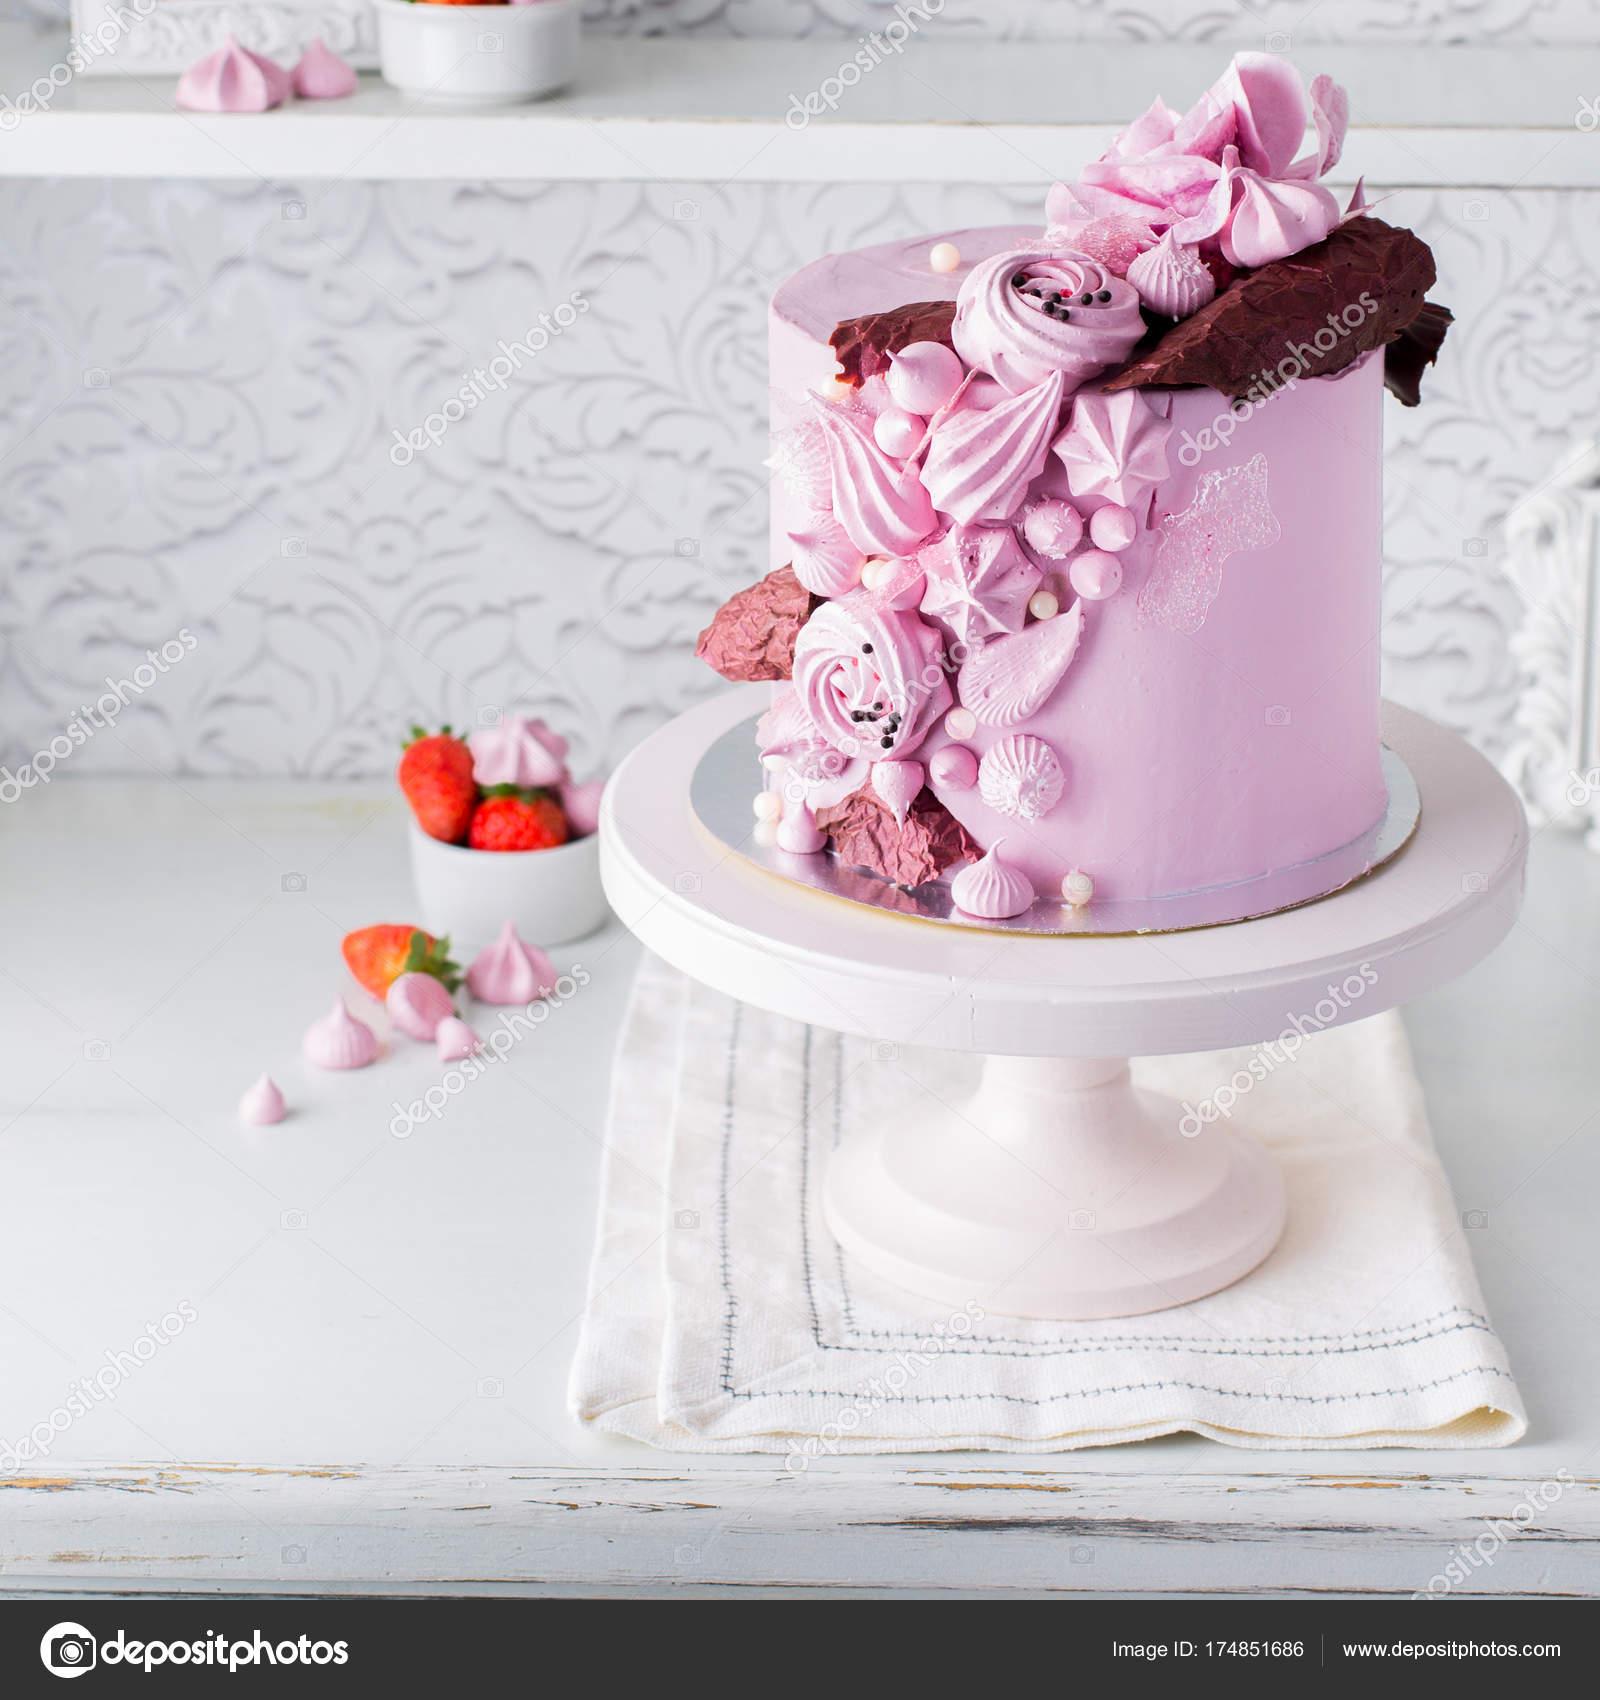 Beautiful Chocolate Cake Cheese Cream Meringues Chocolate Flowers